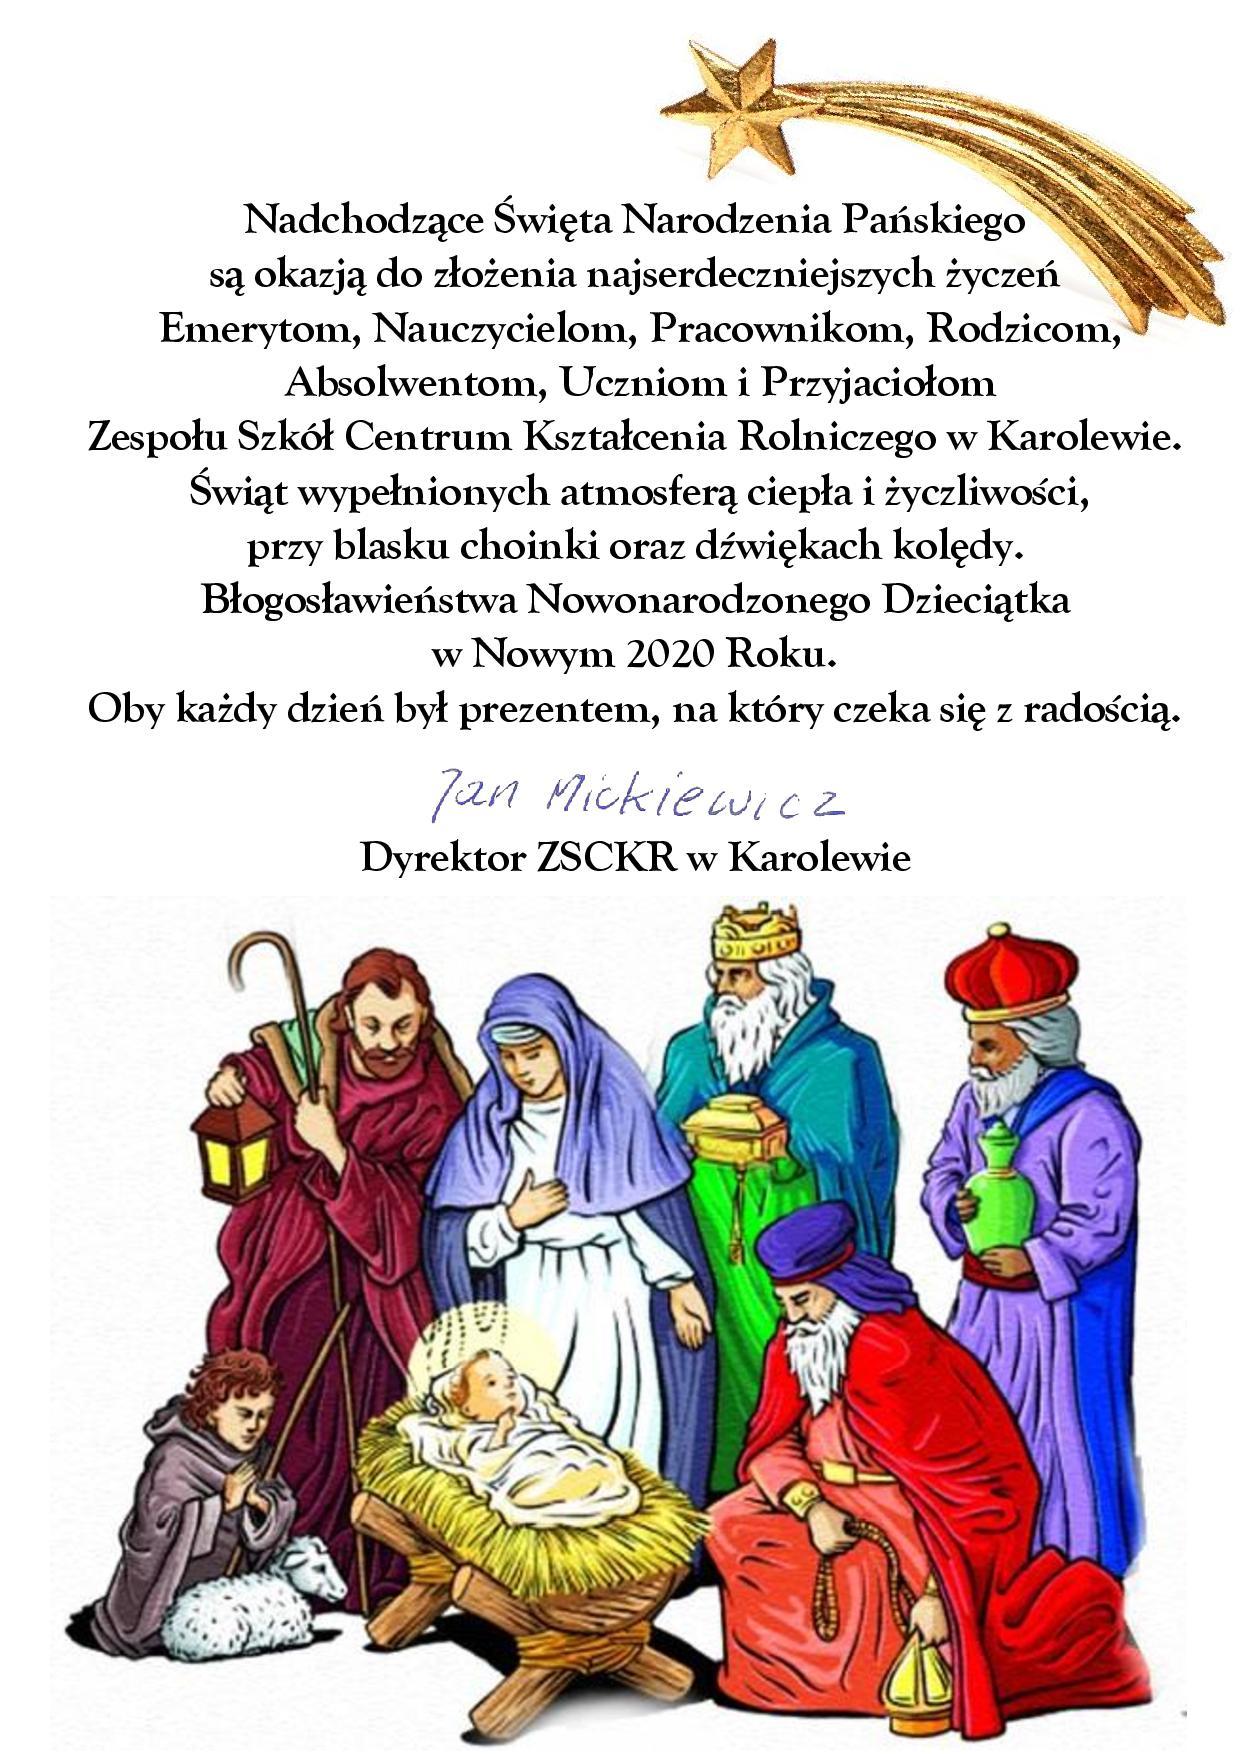 Bożonarodzenoiwe-życzenia-od-Dyrektora-page-001.jpg